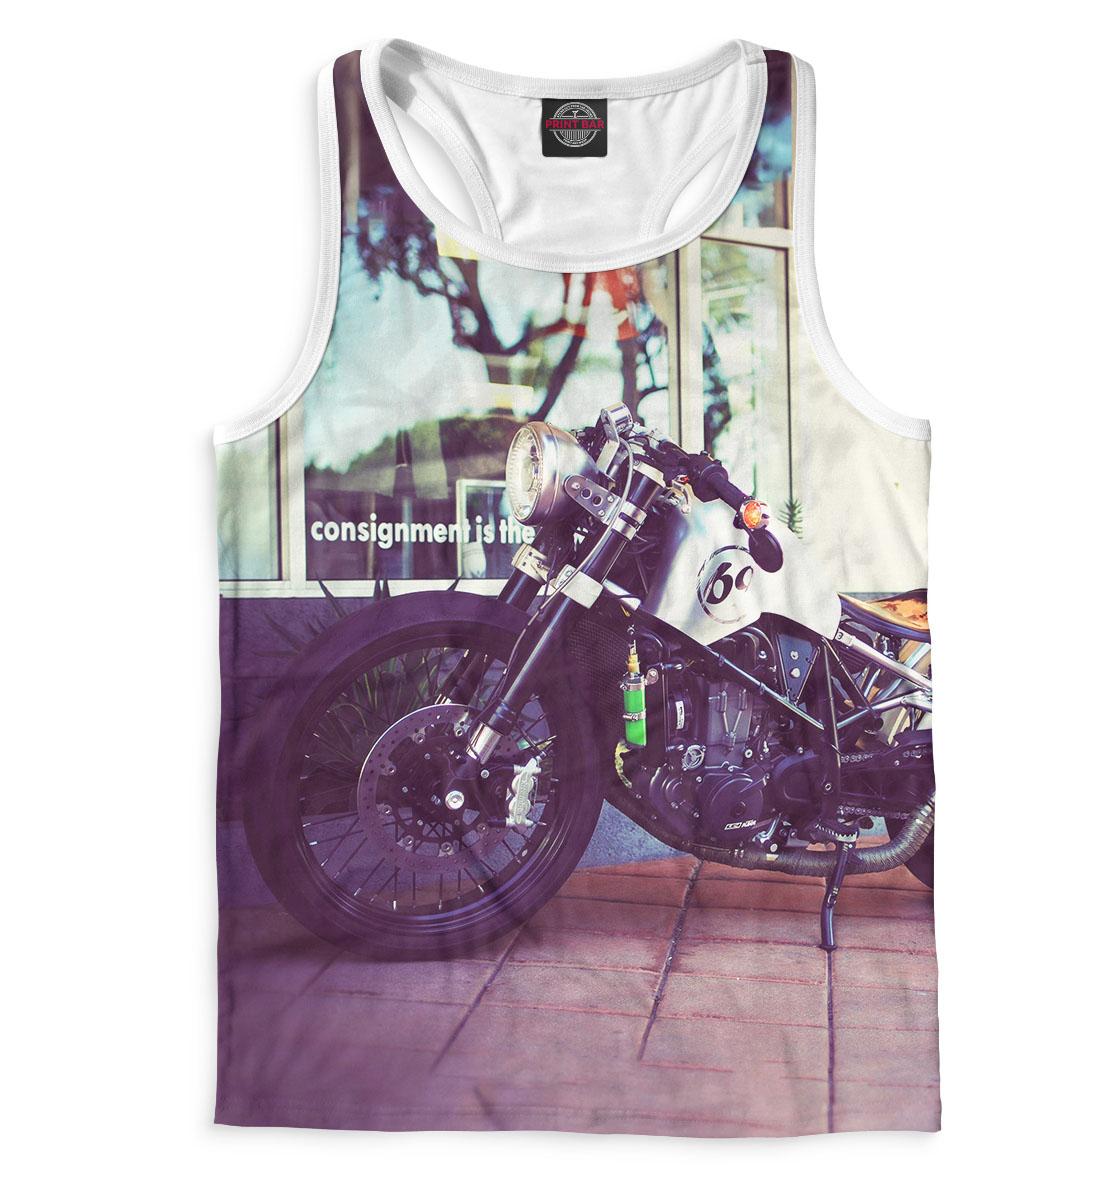 Купить Мотоцикл, Printbar, Майки борцовки, MTR-412869-mayb-2